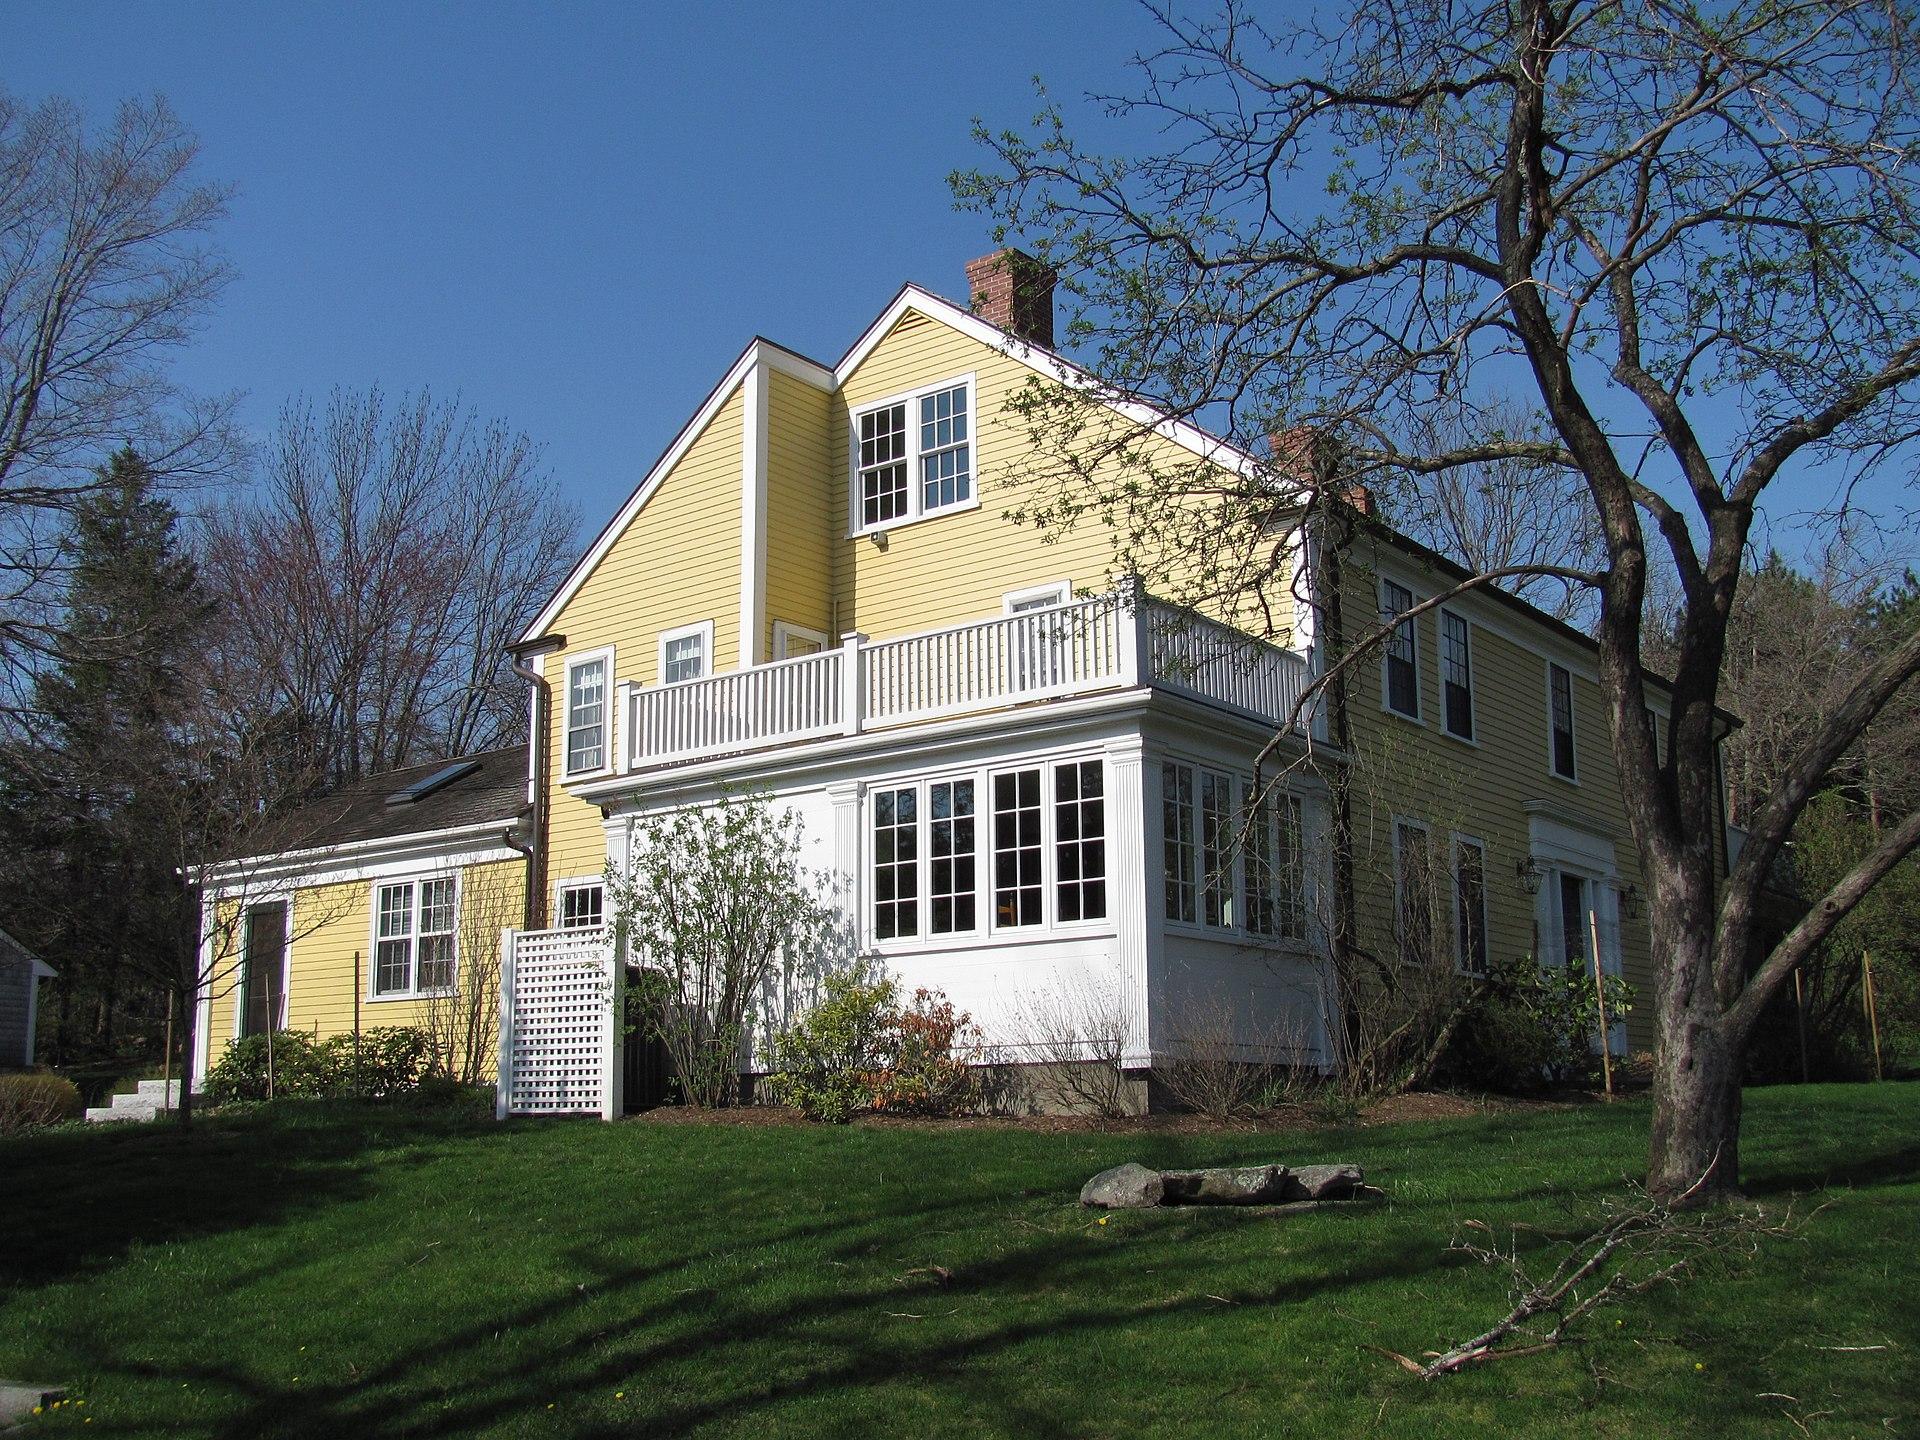 Bullen stratton cozzen house wikipedia for Stratton builders